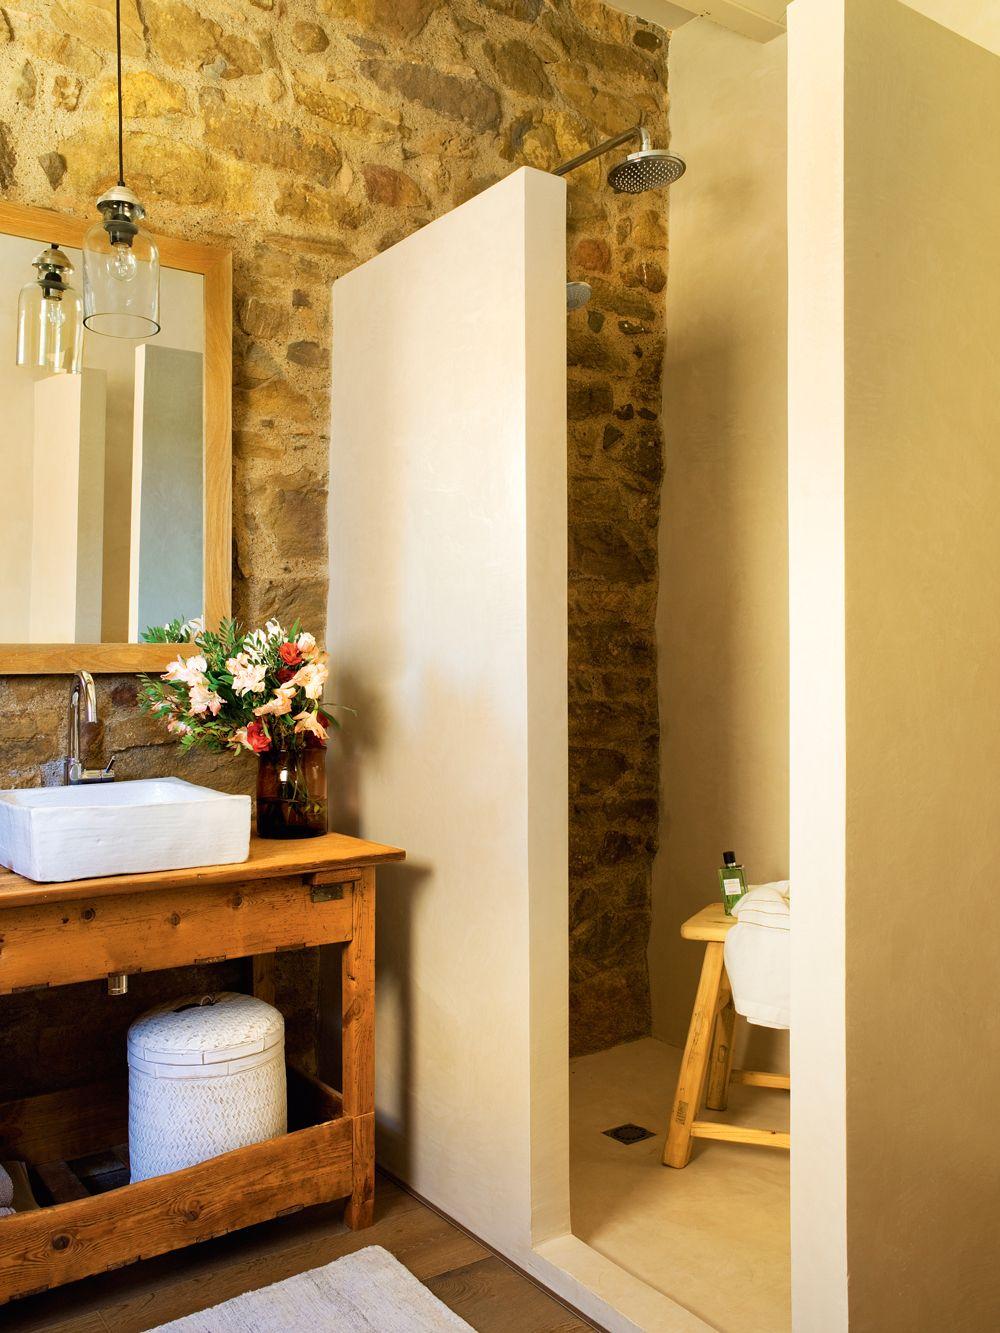 Ba o r stico con pared de piedra y ducha de obra 00391517 - Cuartos de bano rusticos de obra ...